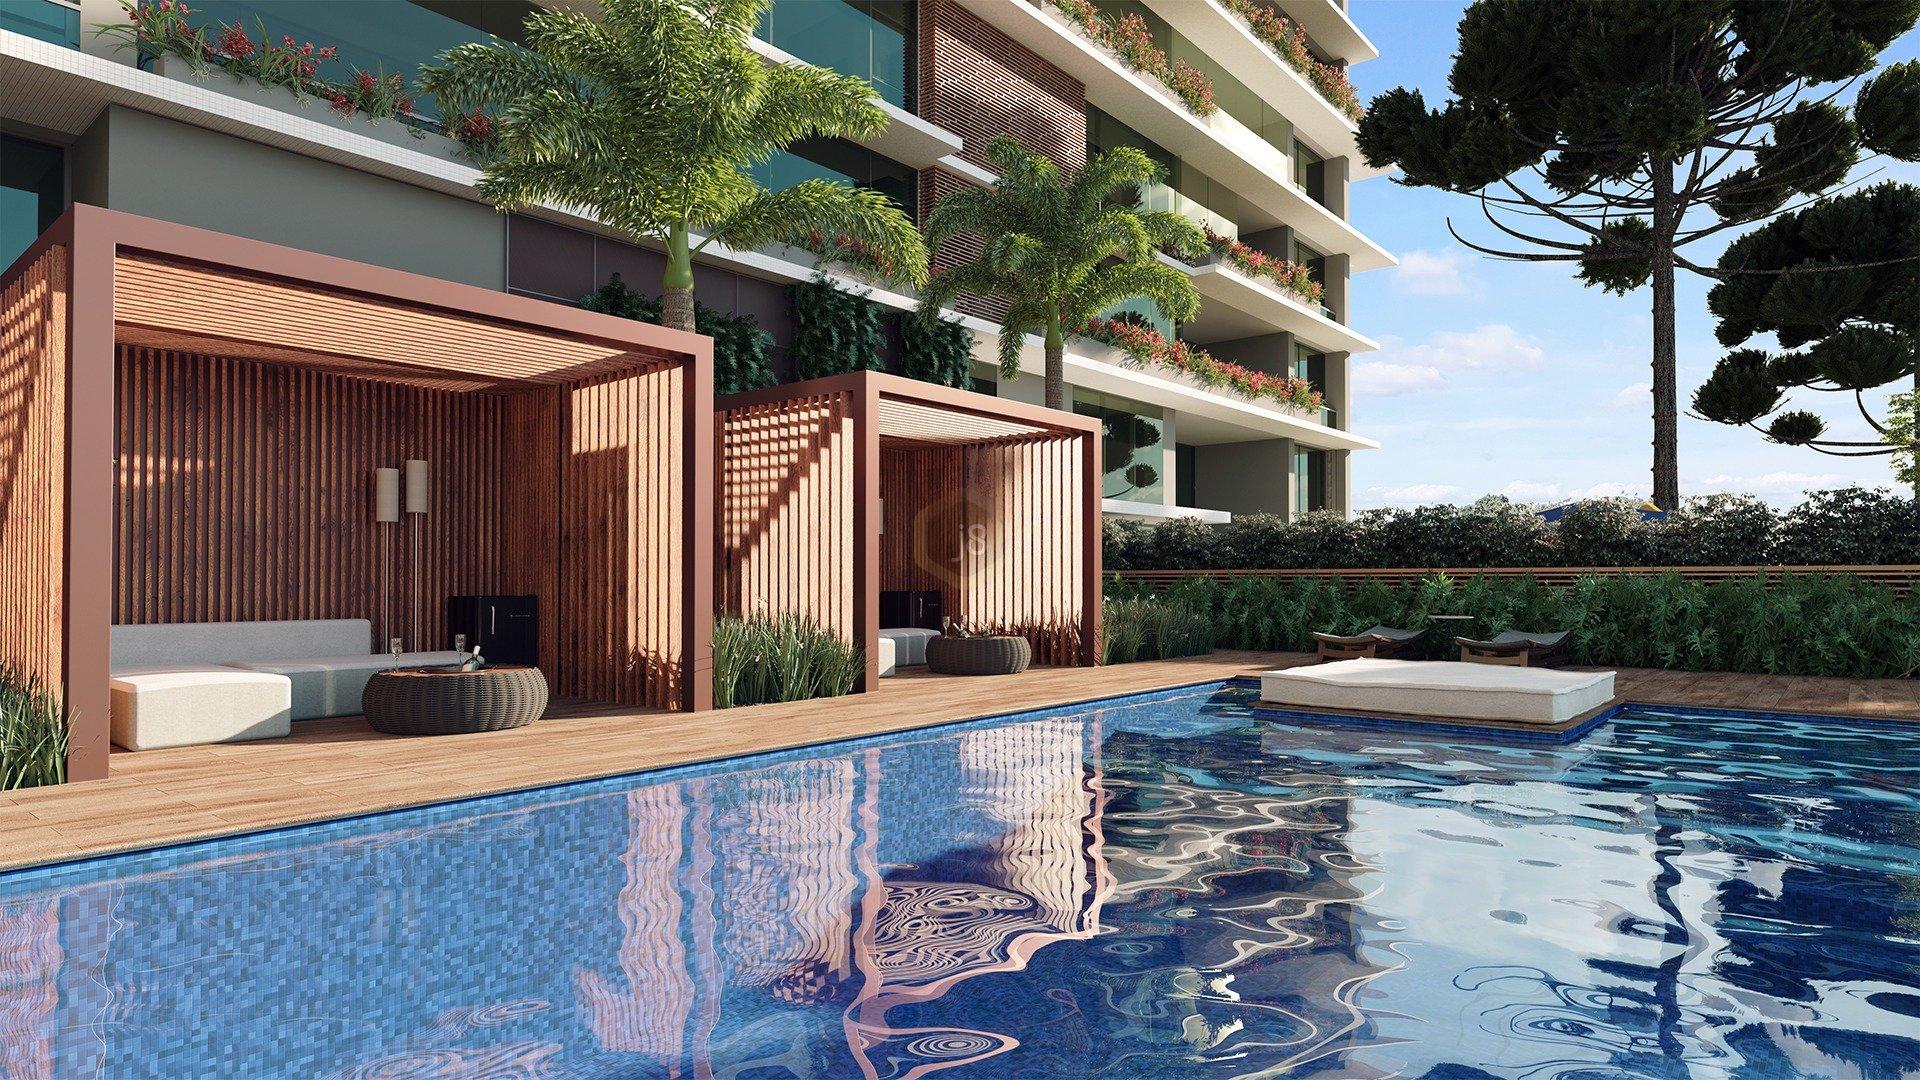 Foto de destaque Apartamento região do parque  barigui